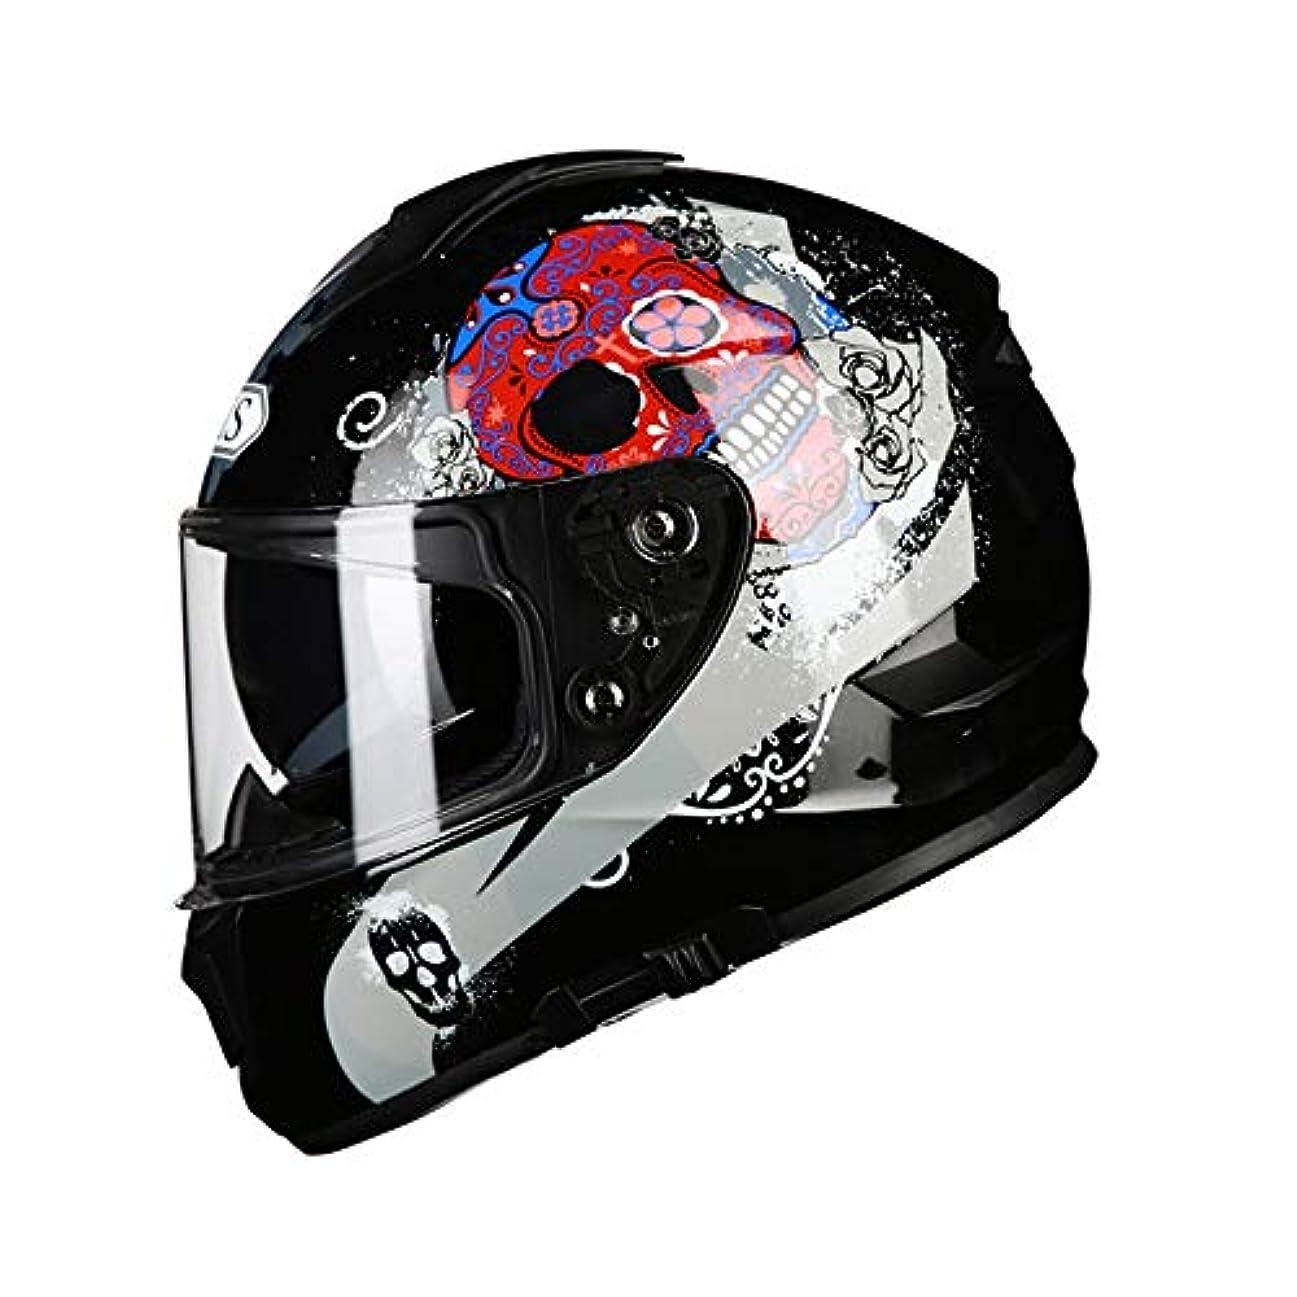 積極的にルートセーターTOMSSL高品質 Abs黒オートバイヘルメット男性フルカバー四季機関車電気自動車フルフェイスヘルメット防曇ダブルレンズカラースカルパターン TOMSSL高品質 (Size : XXL)